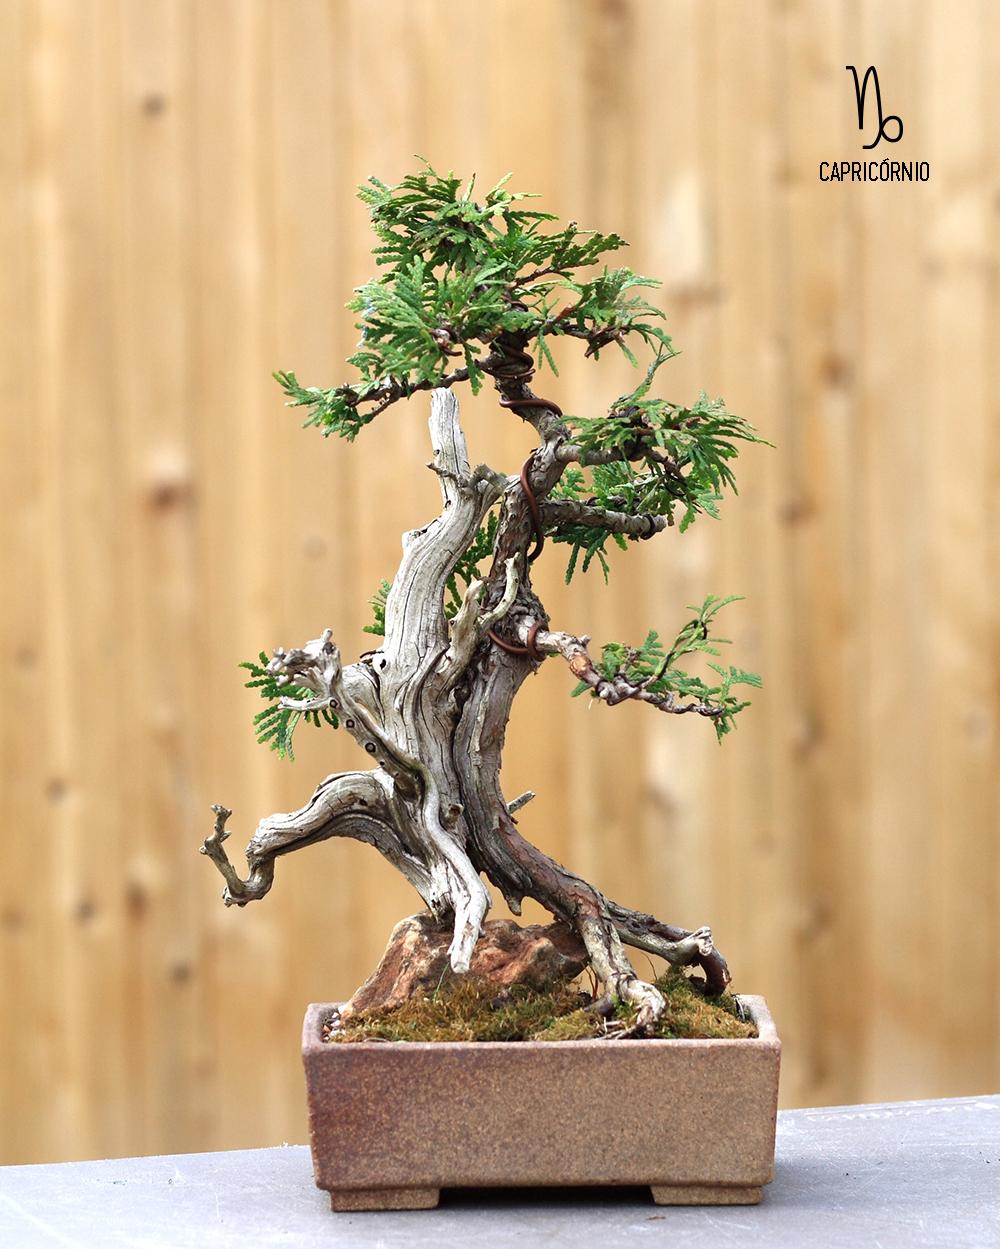 planta-de-capricornio-bonsai